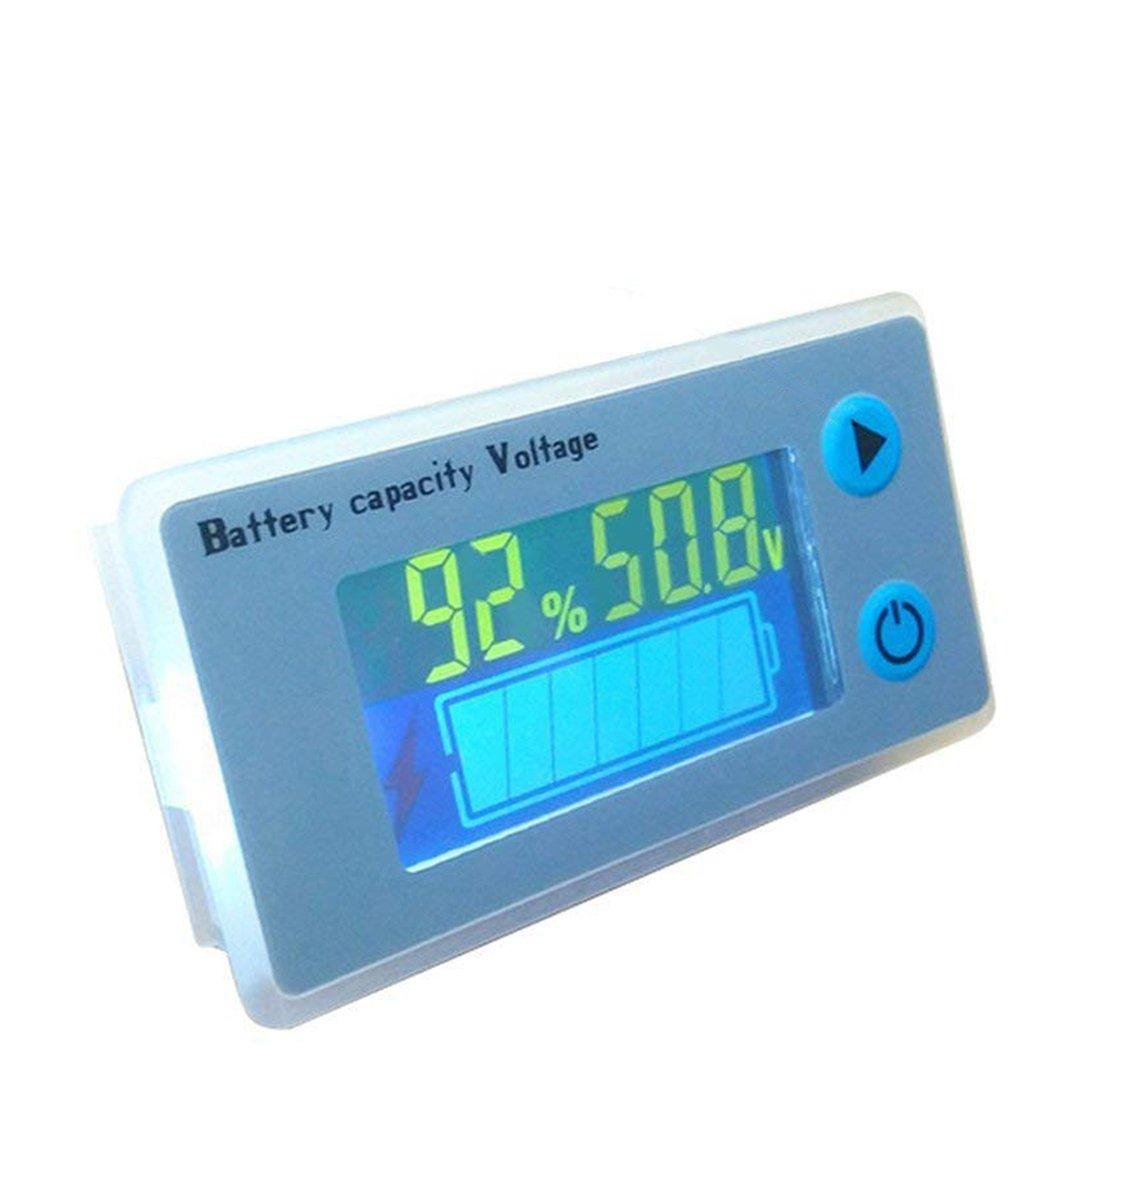 多機能LCD鉛酸バッテリー容量メーター電圧計、温度表示バッテリー燃料ゲージインジケータ 48V ブルー bt3581 48V  B078PHB38G